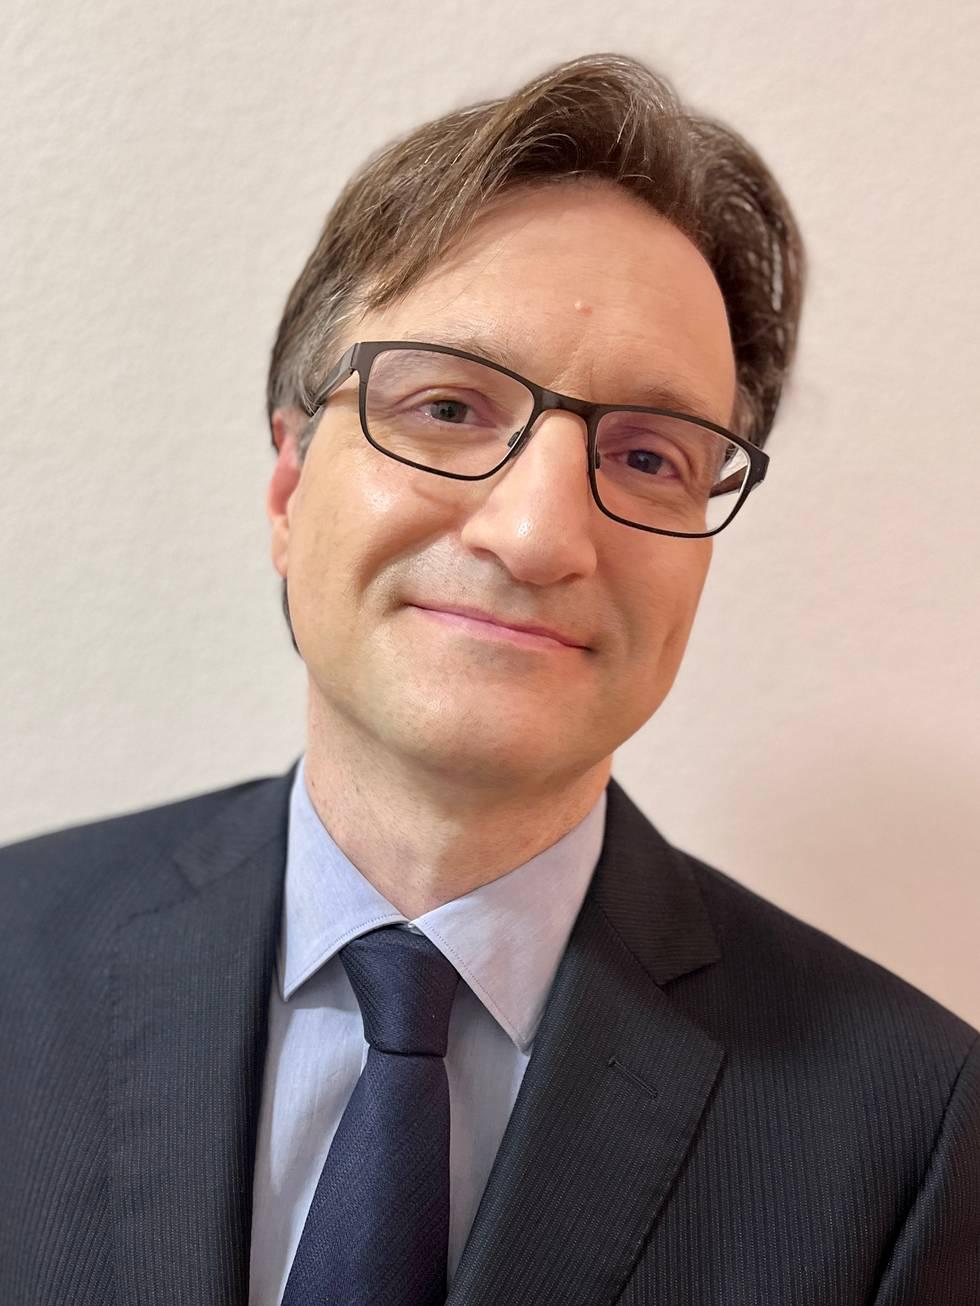 Saul Toppi